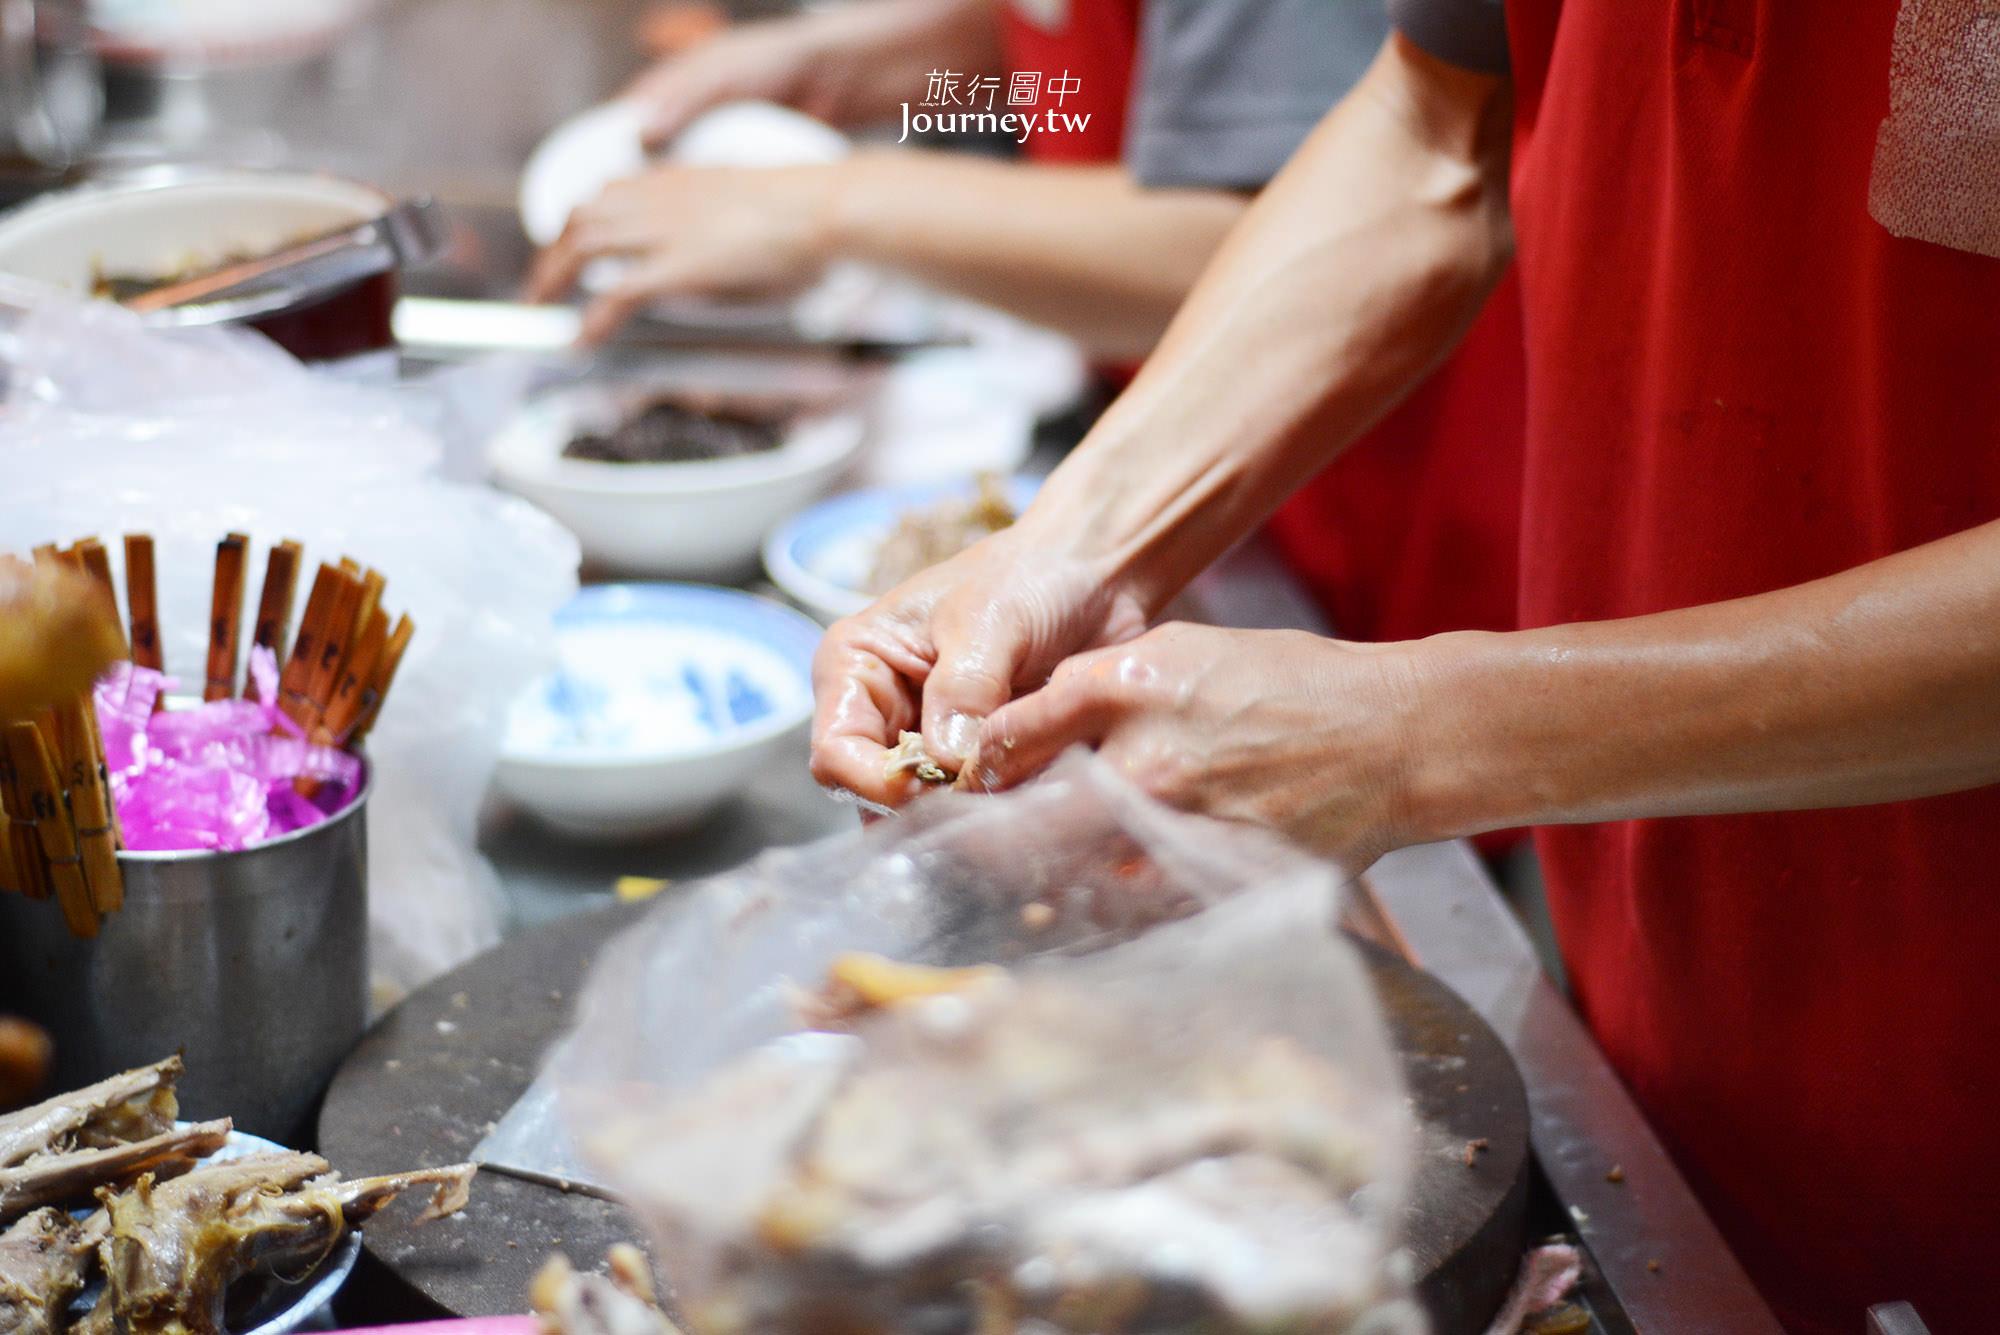 嘉義,東區,嘉義美食,阿波鴨肉麵,文化路夜市